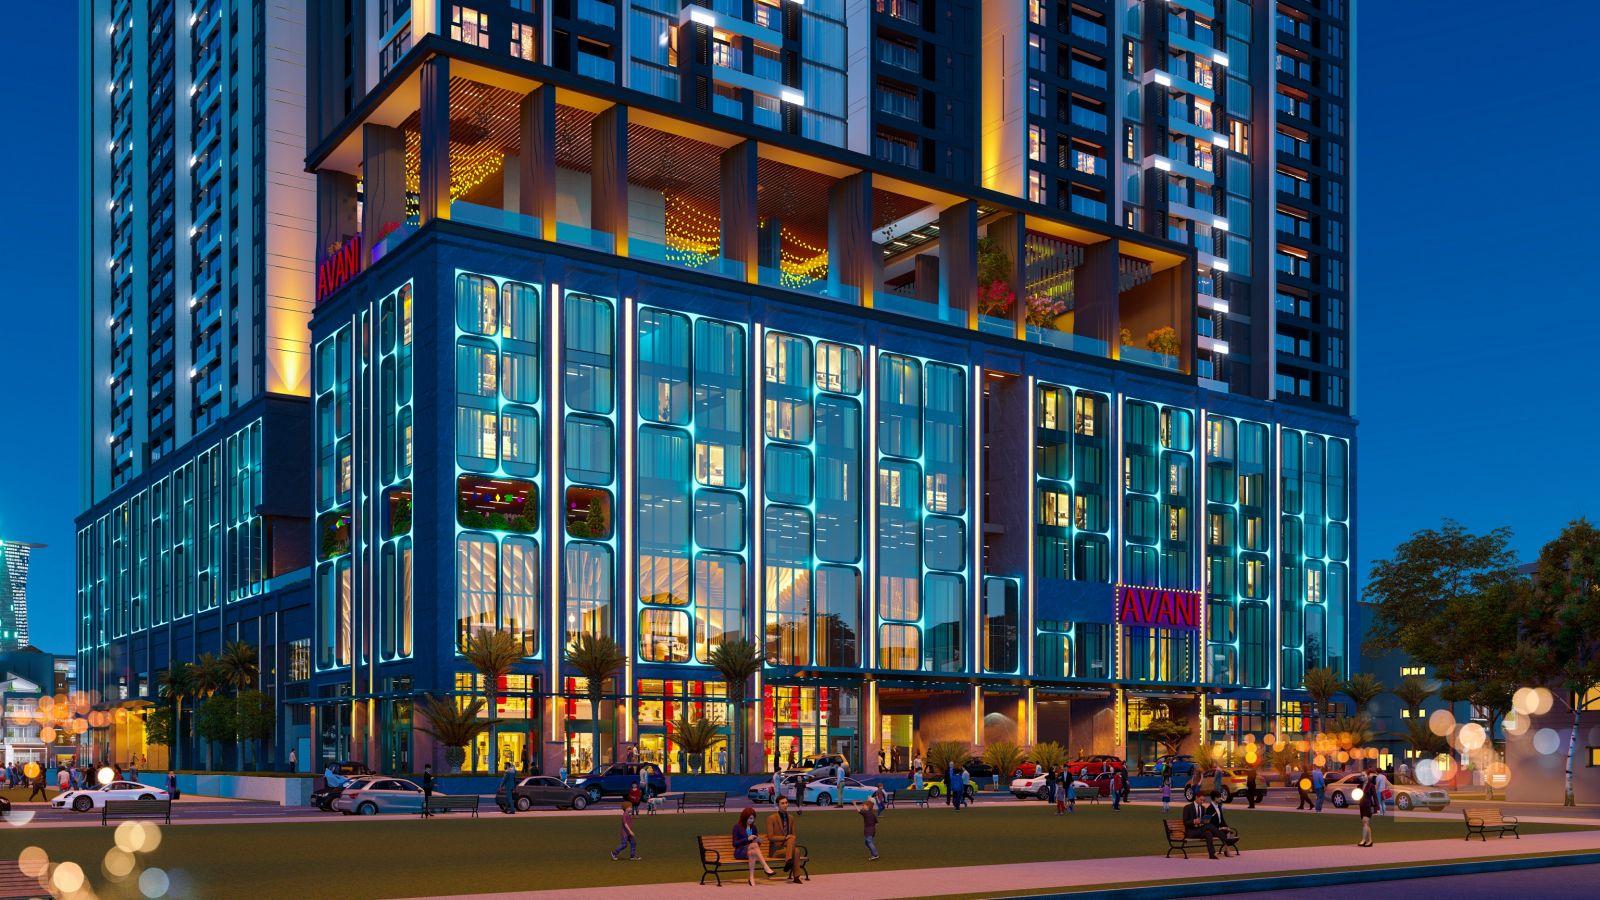 Khách sạn 5 sao Avani Saigon tọa lạc ngay khối đế dự án The Grand Manhattan.